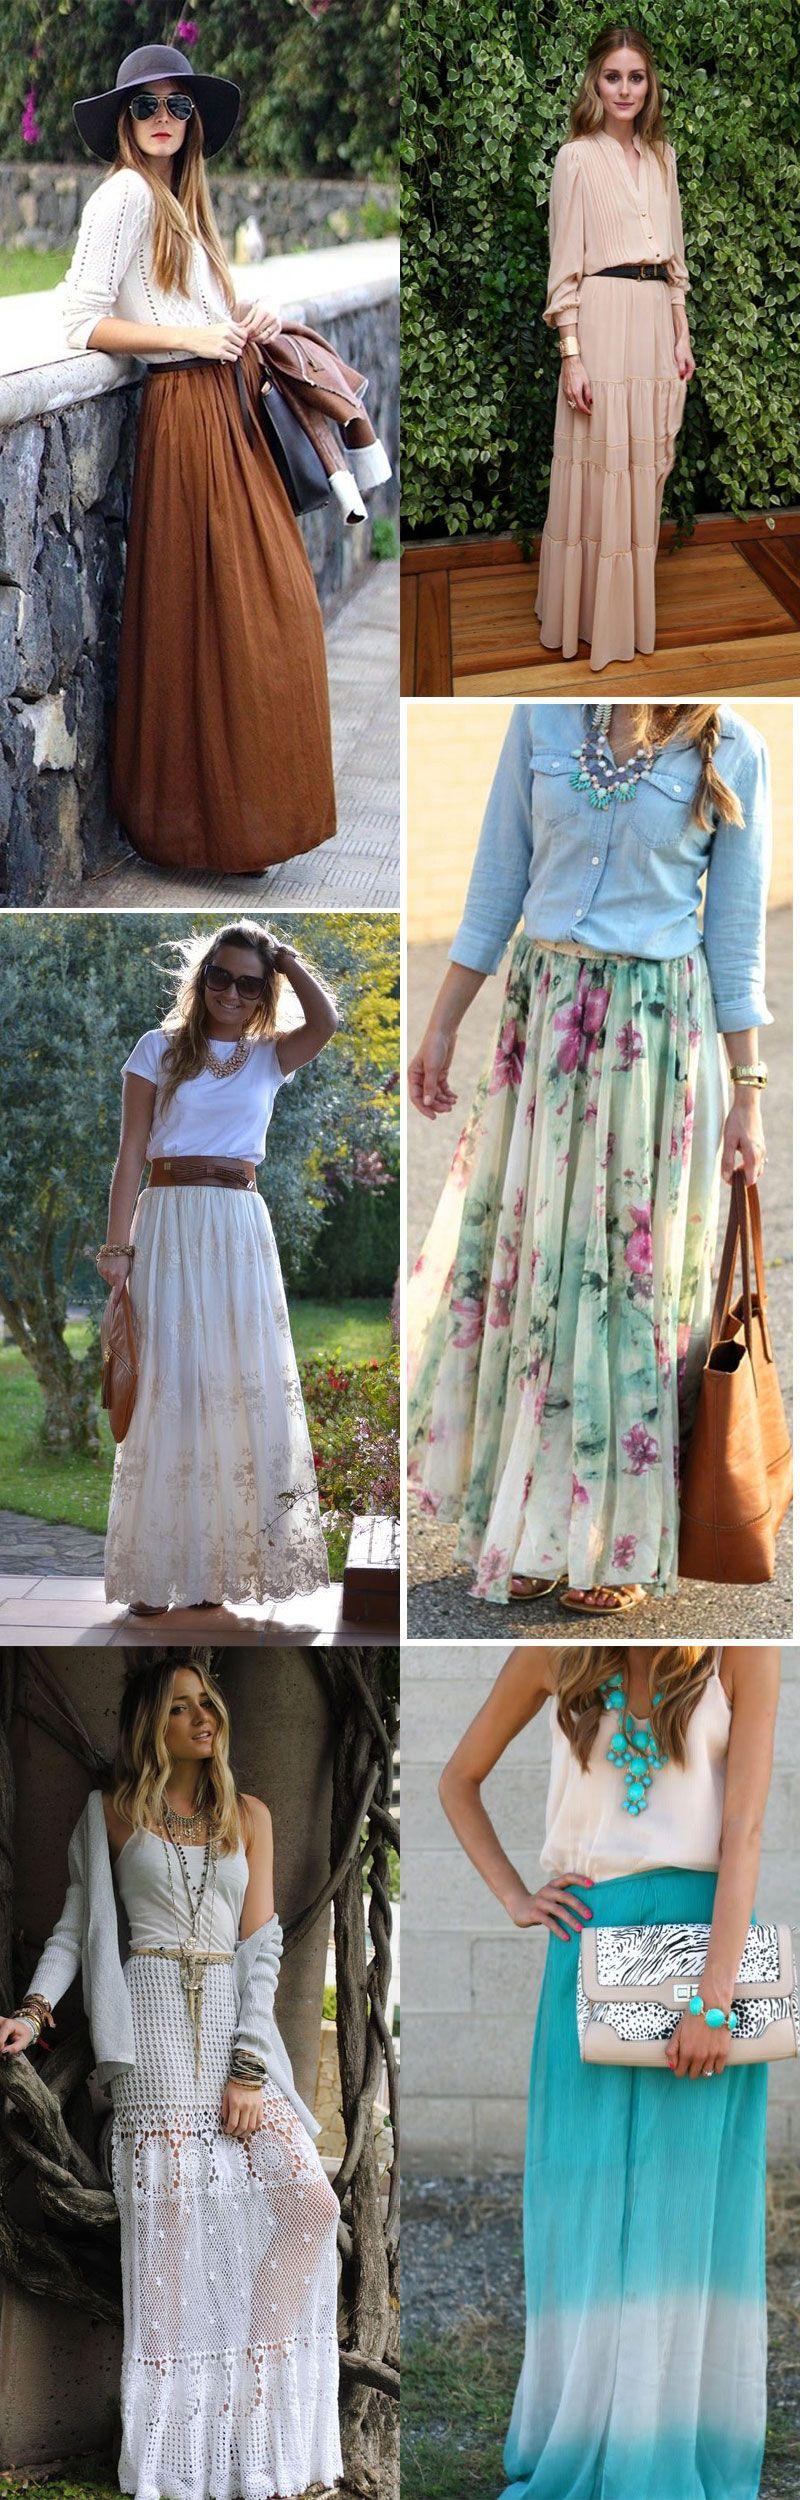 f165628168 Sainas longas  como vestir e onde comprar! O Achados de Fast Fashion dessa  semana vem com várias opções de saias longas lindas e baratas